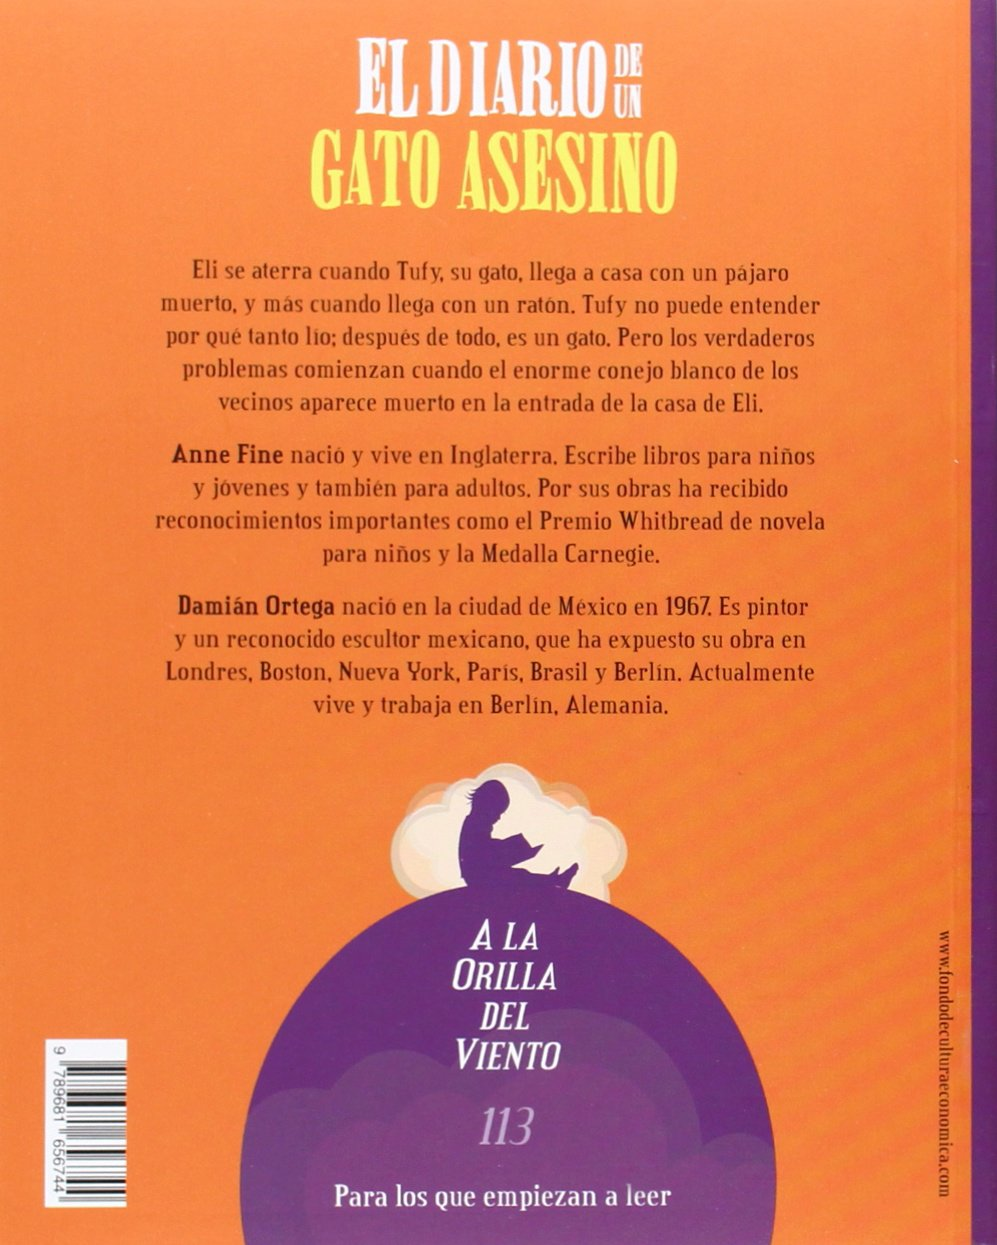 El diario de un gato asesino (Spanish Edition): Fine Anne: 9789681656744: Amazon.com: Books